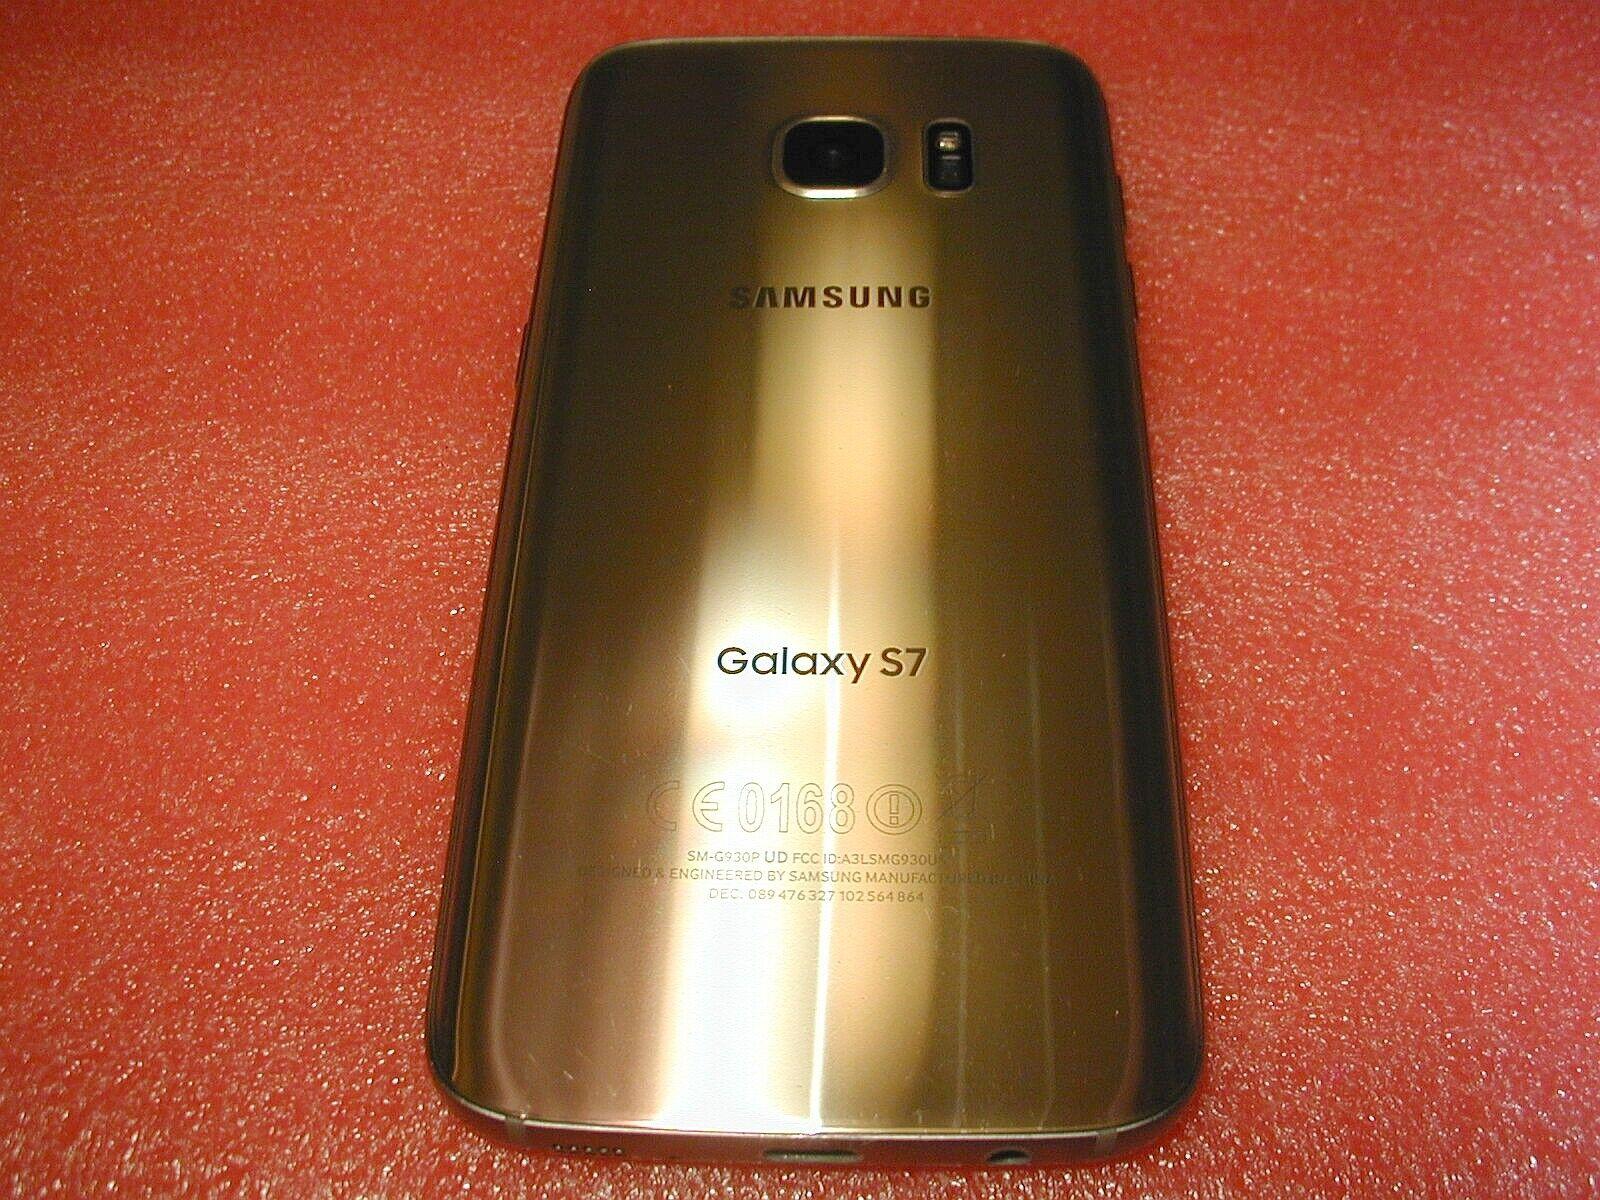 Clean Samsung Galaxy S7 SM-G930 32GB - Gold Platinum Sprint 5.1 Smartphone - $59.99